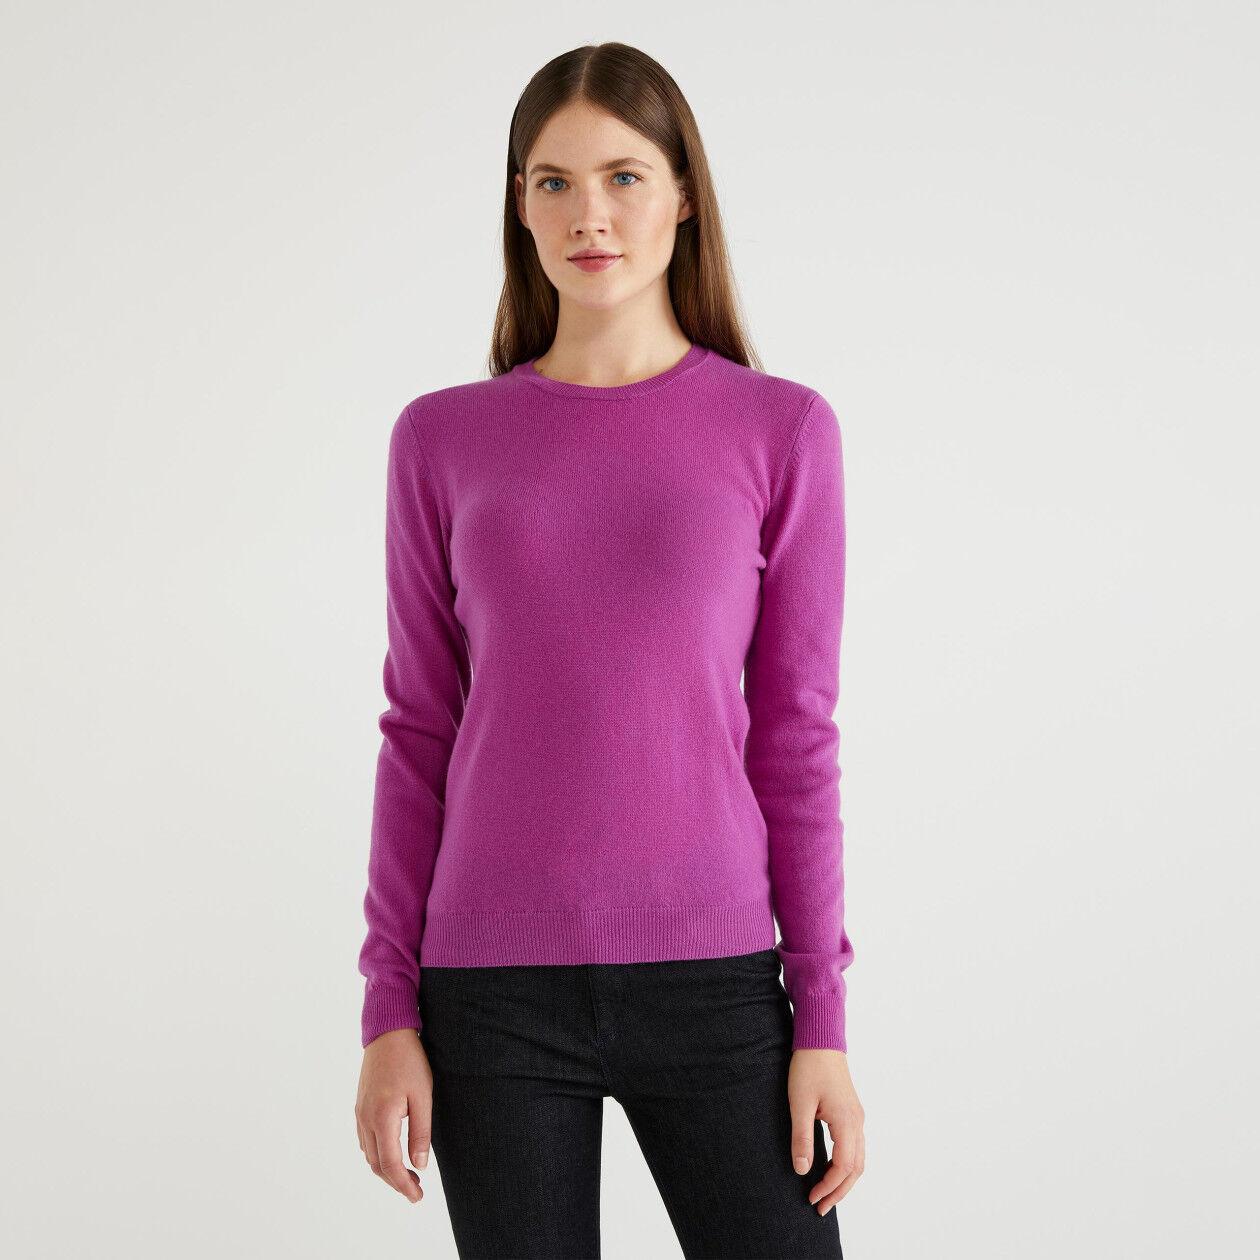 Pullover aus 100% Schurwolle mit Rundhals